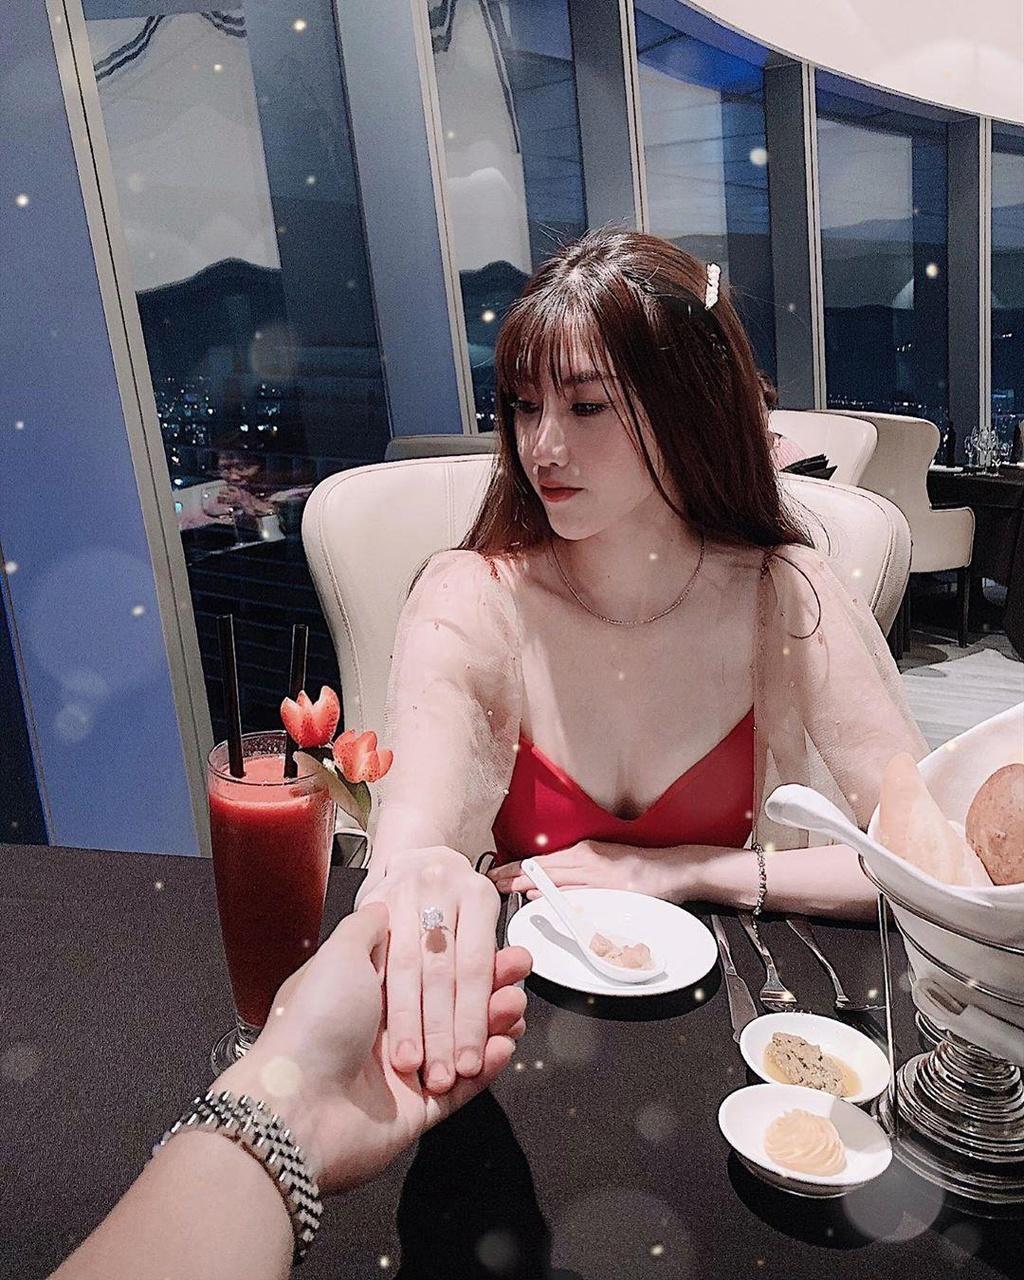 Nha hang buffet hai san sang chanh o TP.HCM anh 13